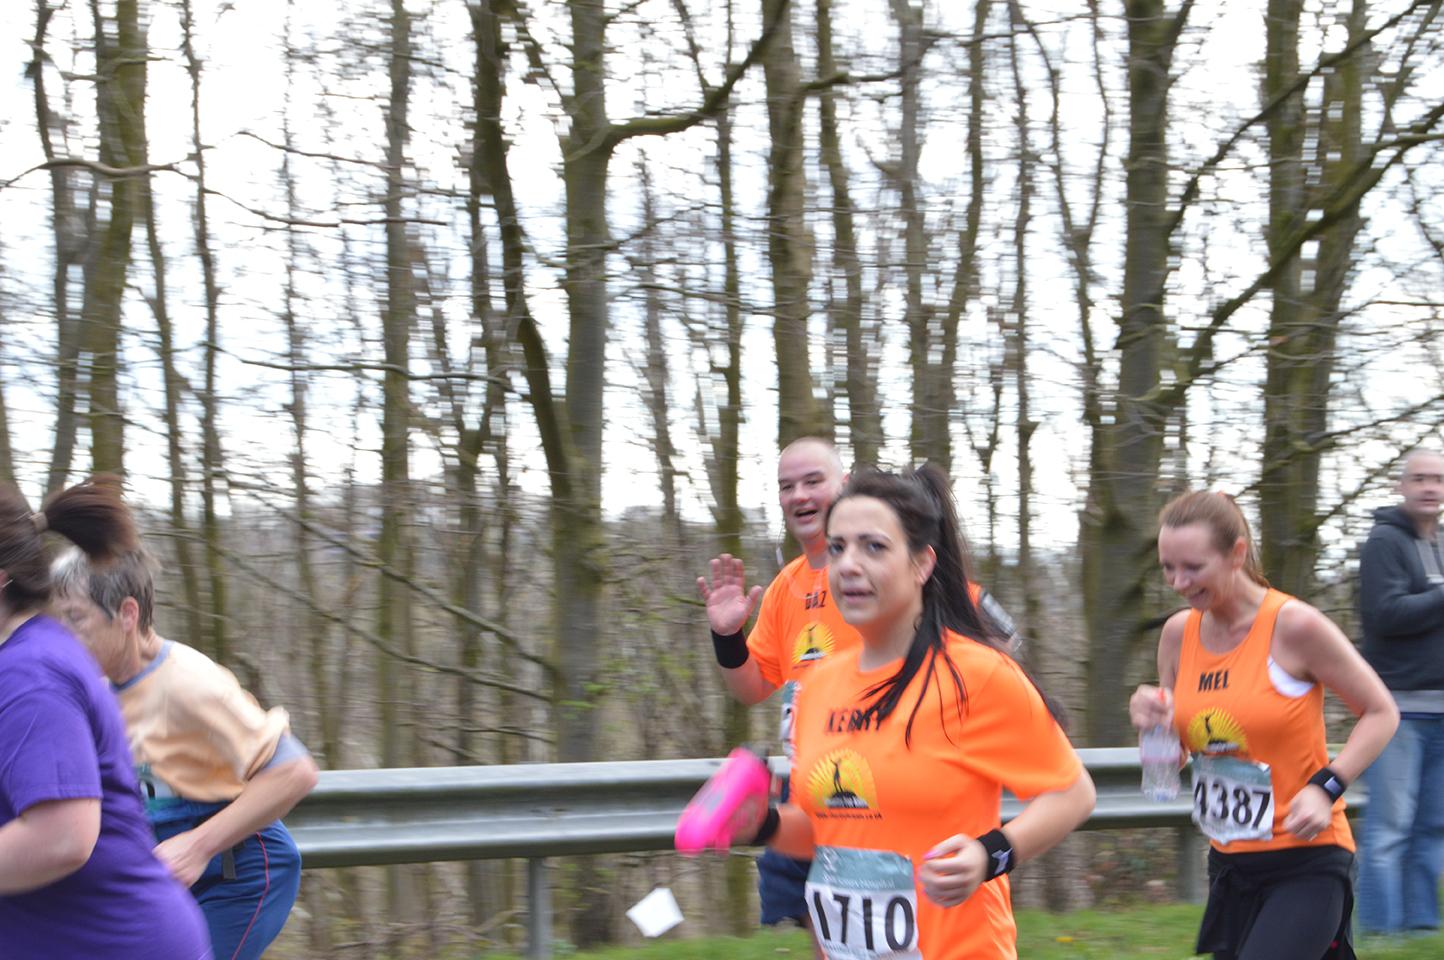 Queensway  hastings half-marathon